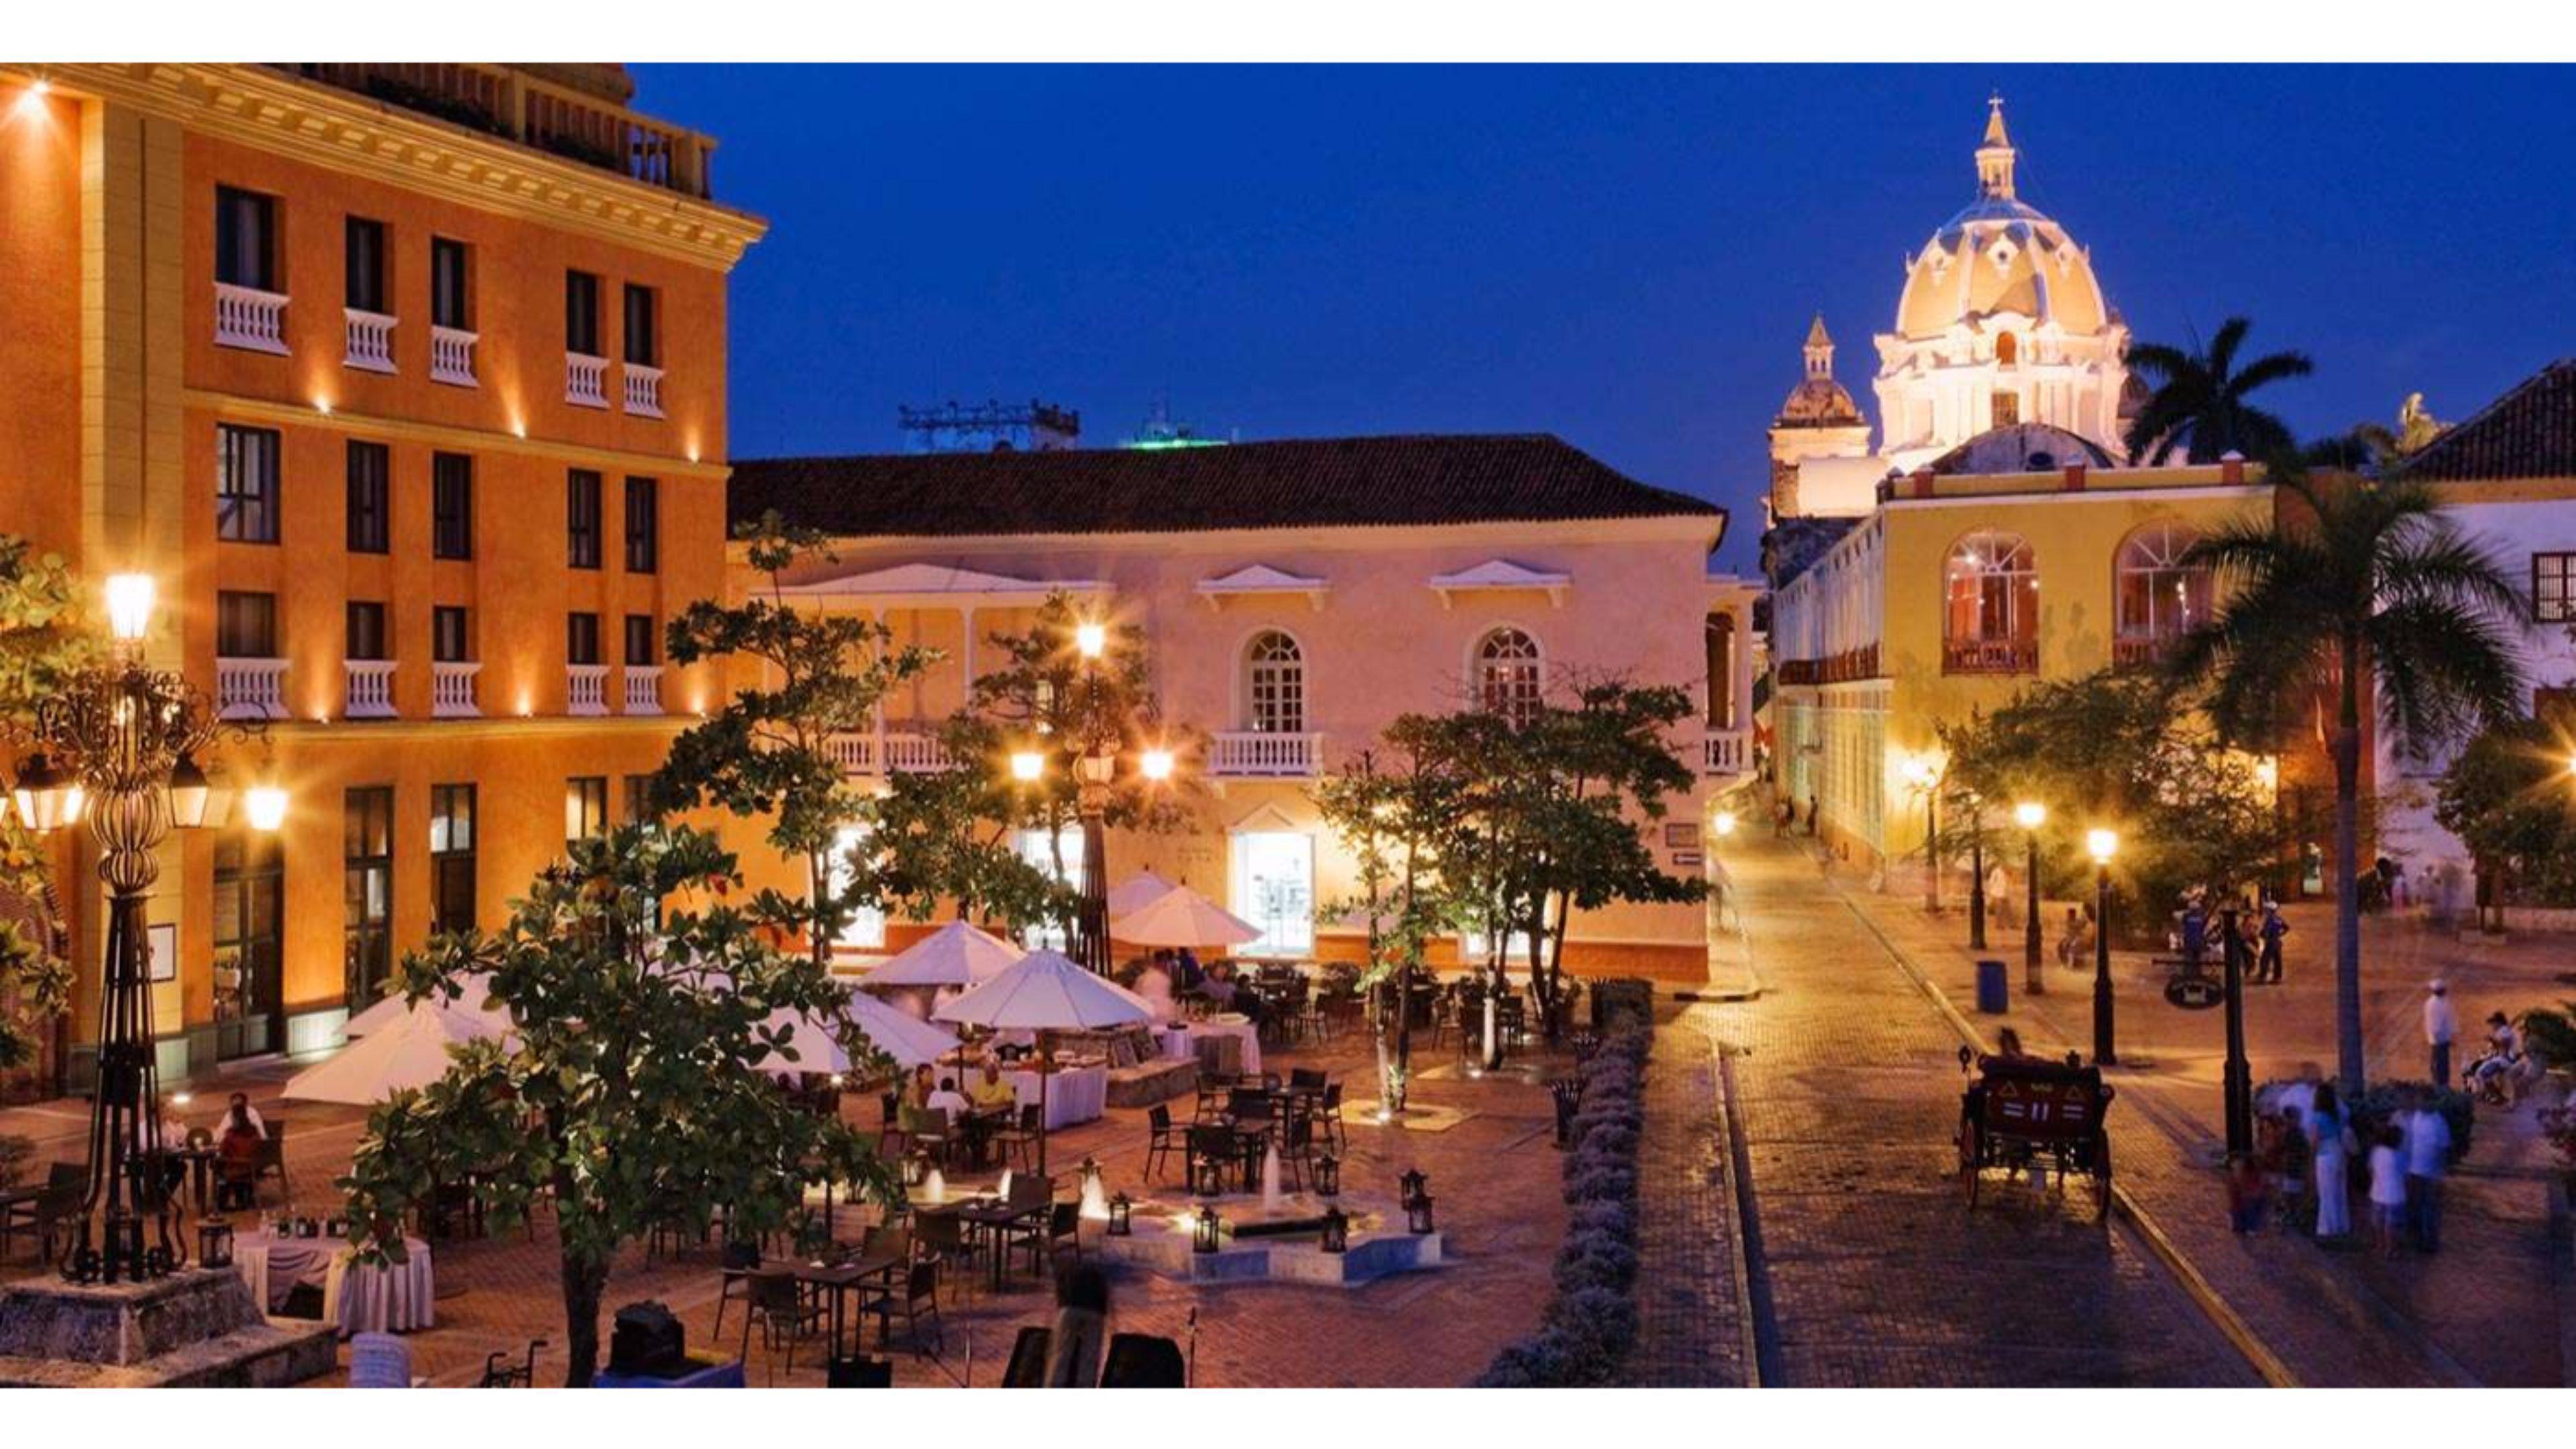 Cartagena Wallpapers Top Free Cartagena Backgrounds Wallpaperaccess